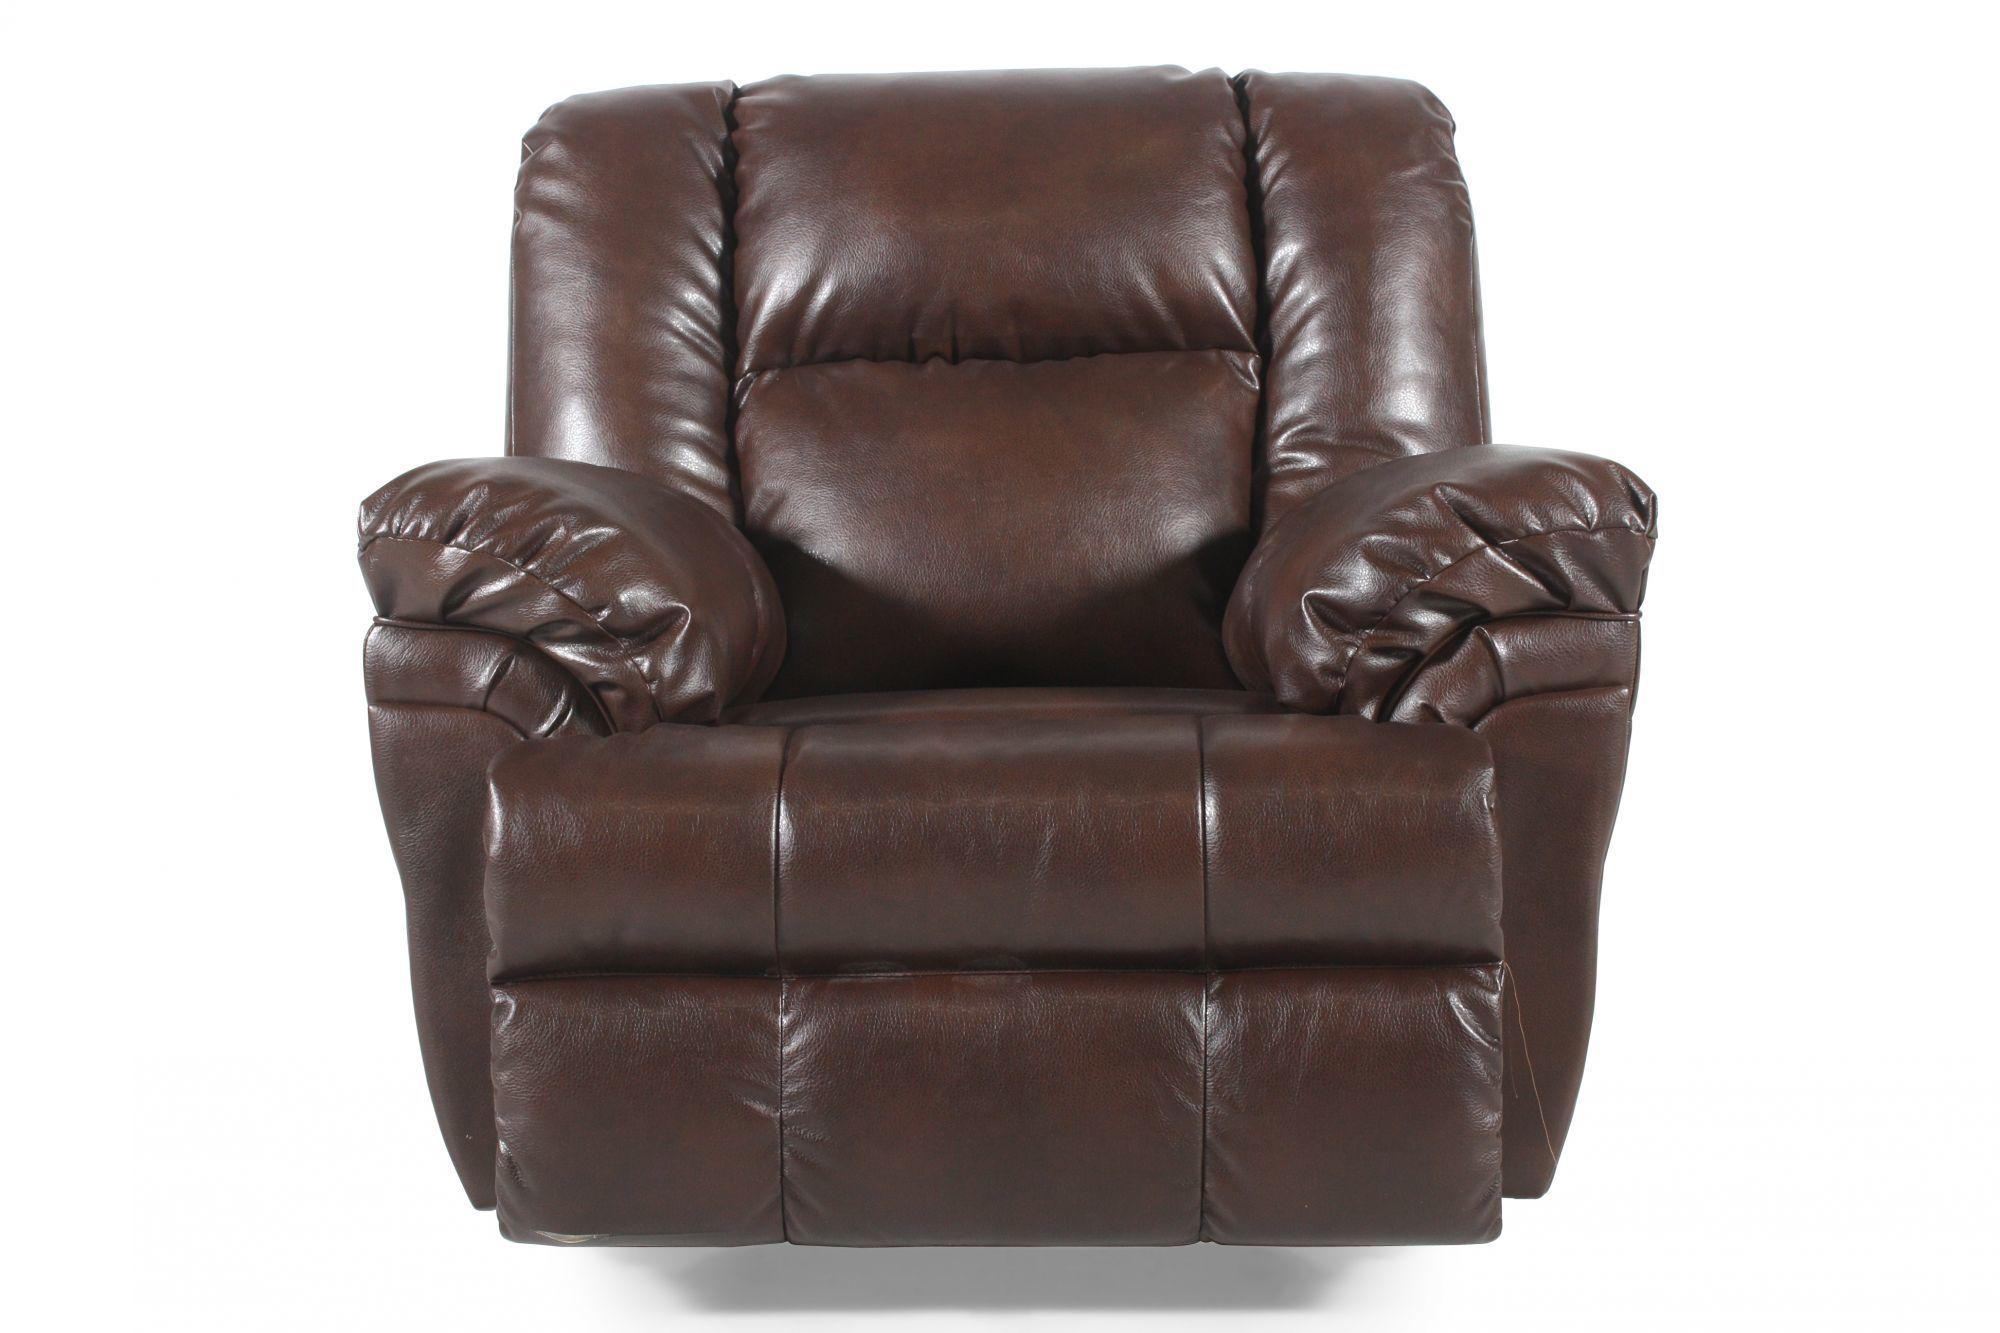 Кресло с реклайнеромКожаные кресла<br><br><br>Material: Кожа<br>Width см: 119<br>Depth см: 111<br>Height см: 109